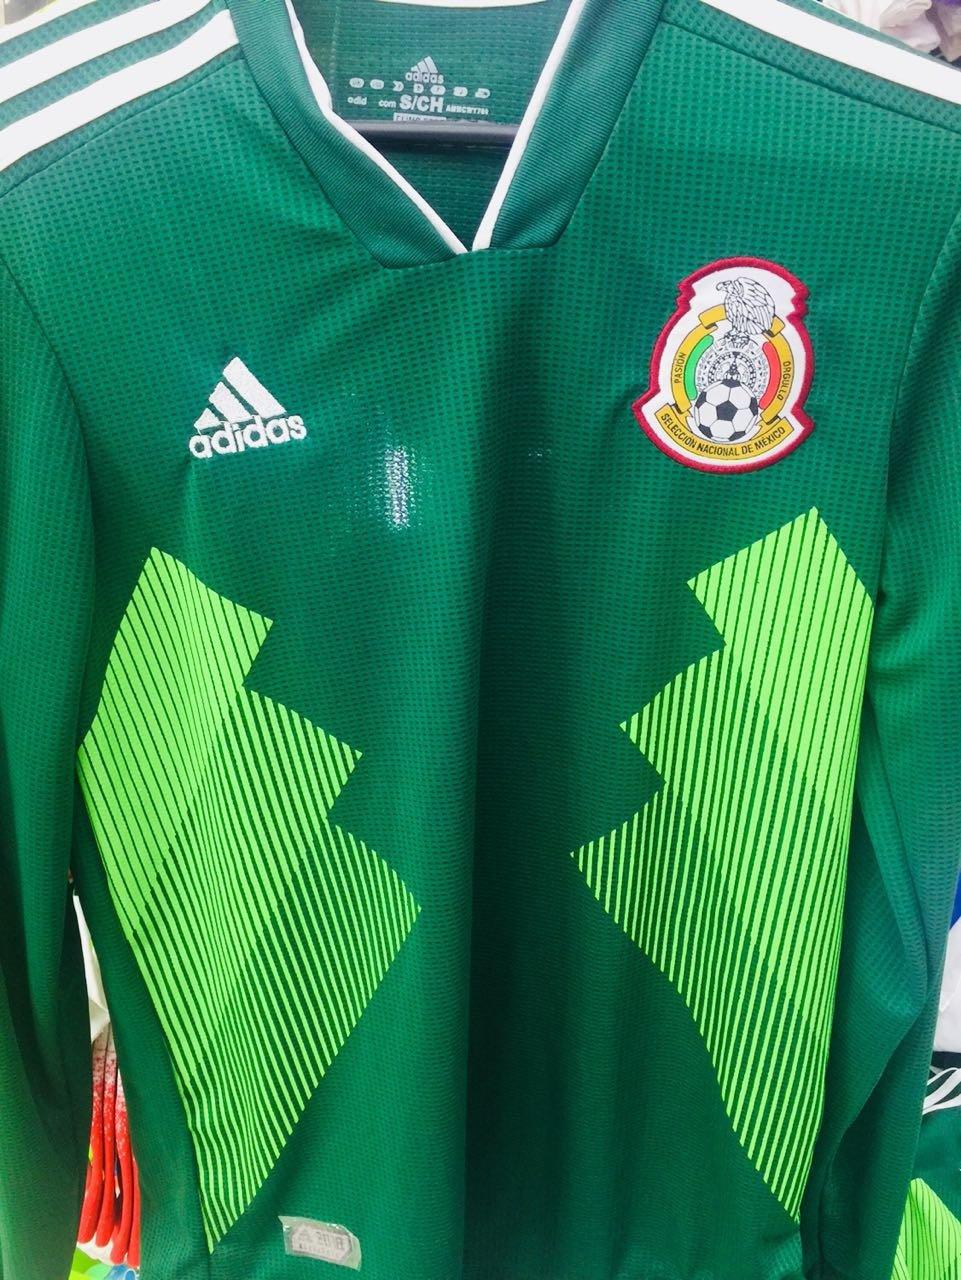 26fc60e2c5c33 Jersey Deportivo Réplica Selección México 2018 adidas Verde » Geekazoide